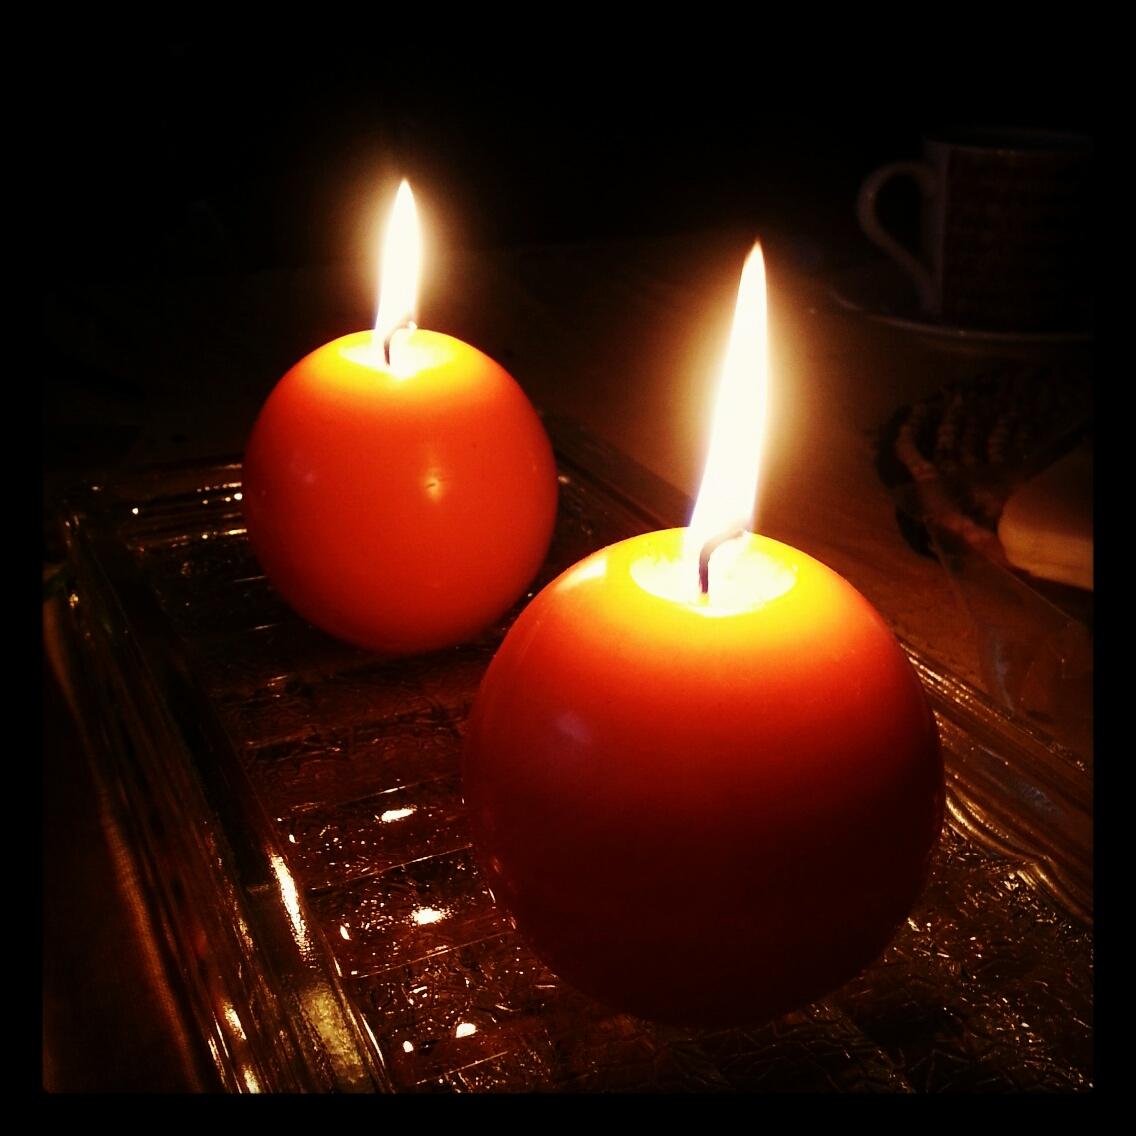 Depois da tempestade da madrugada e manhã... um jantar à luz das velas..